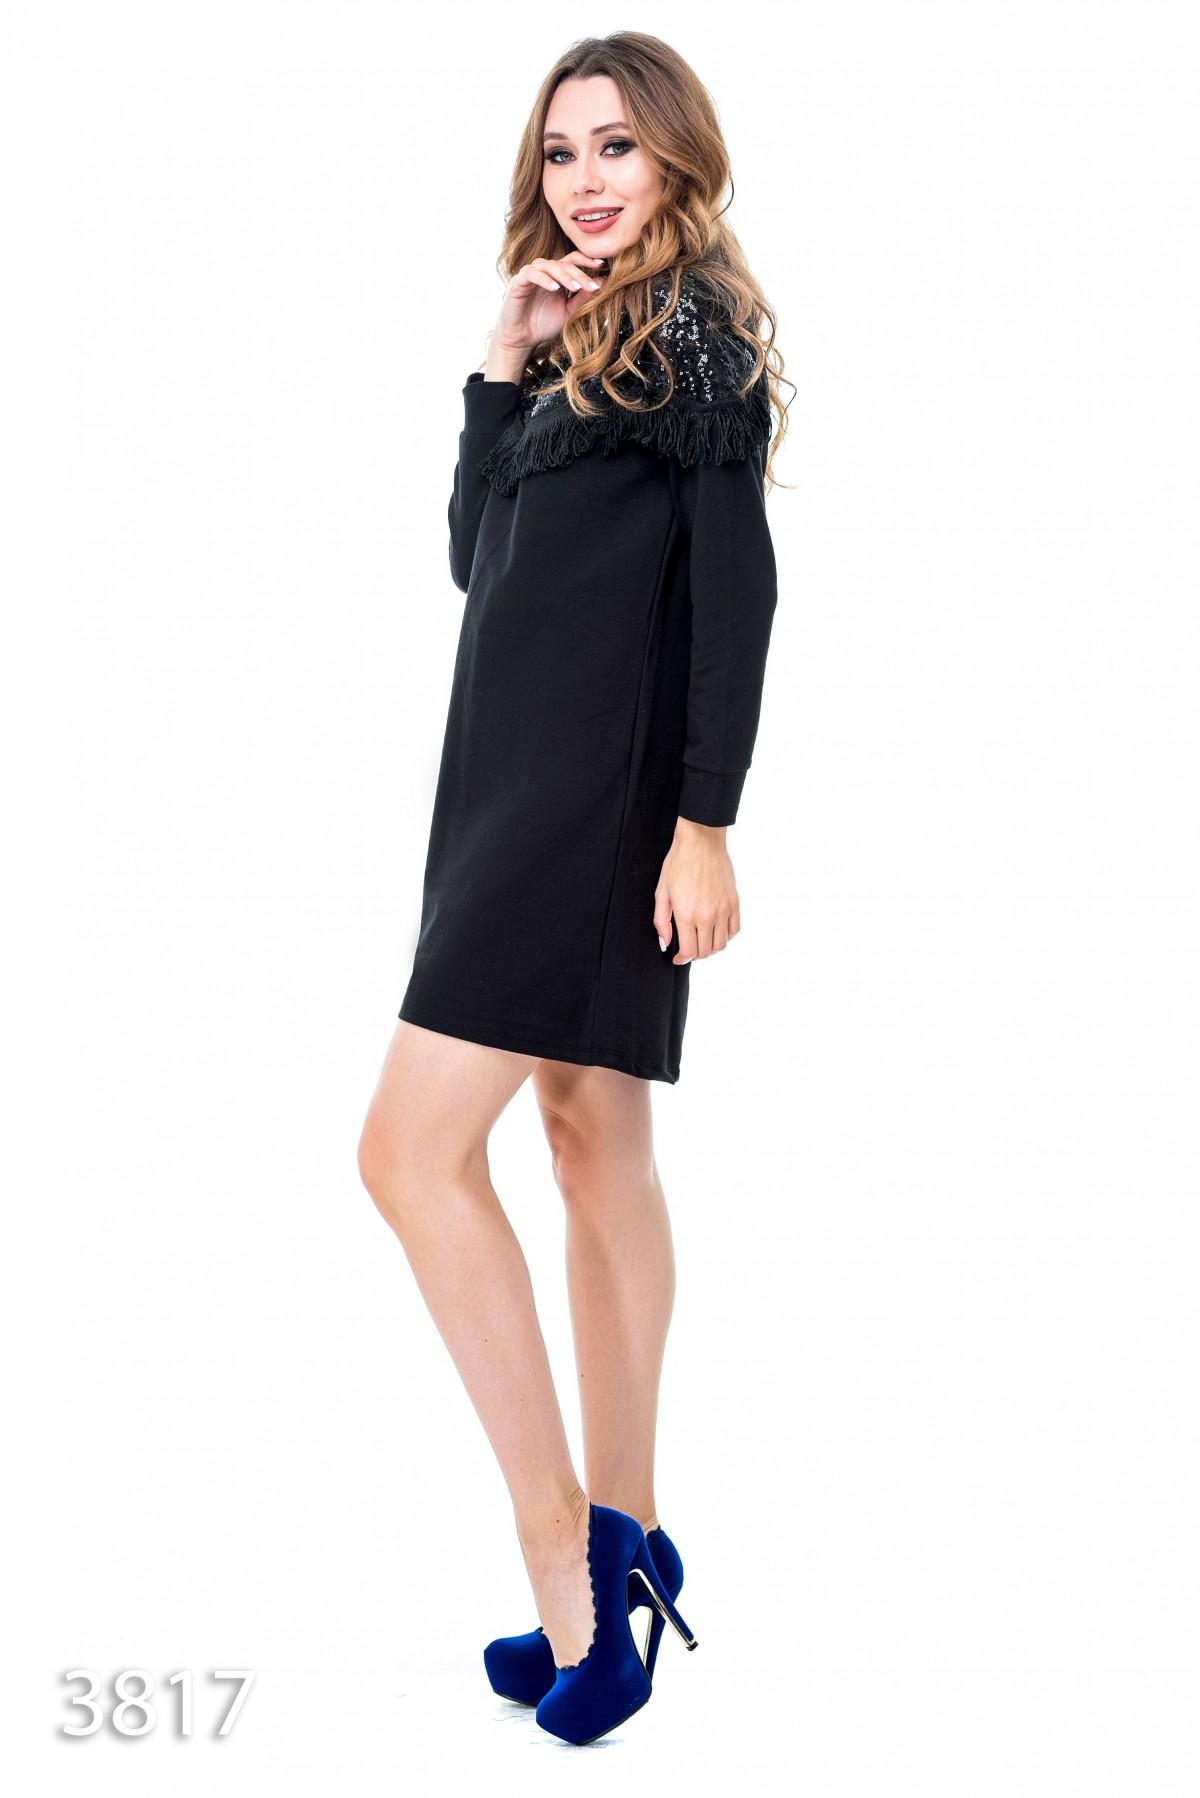 e7aad553d52 ... Черное платье выше колен с верхом в пайетках и бахромой  516 грн. фото  3 ...